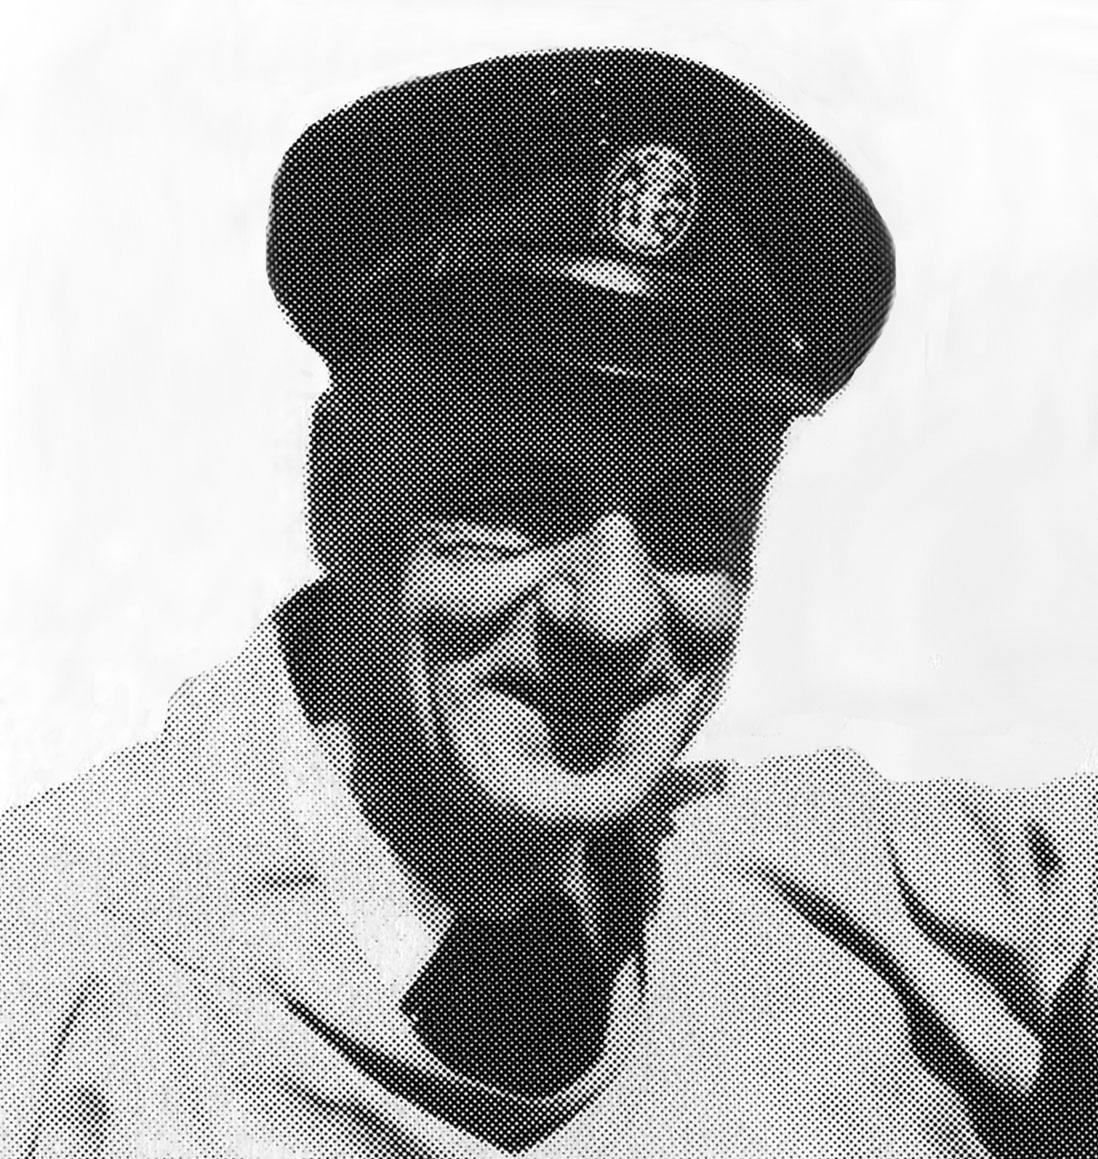 Σερ Άλεκ Ρόουζ (13/07/1908 - 11/01/1991)